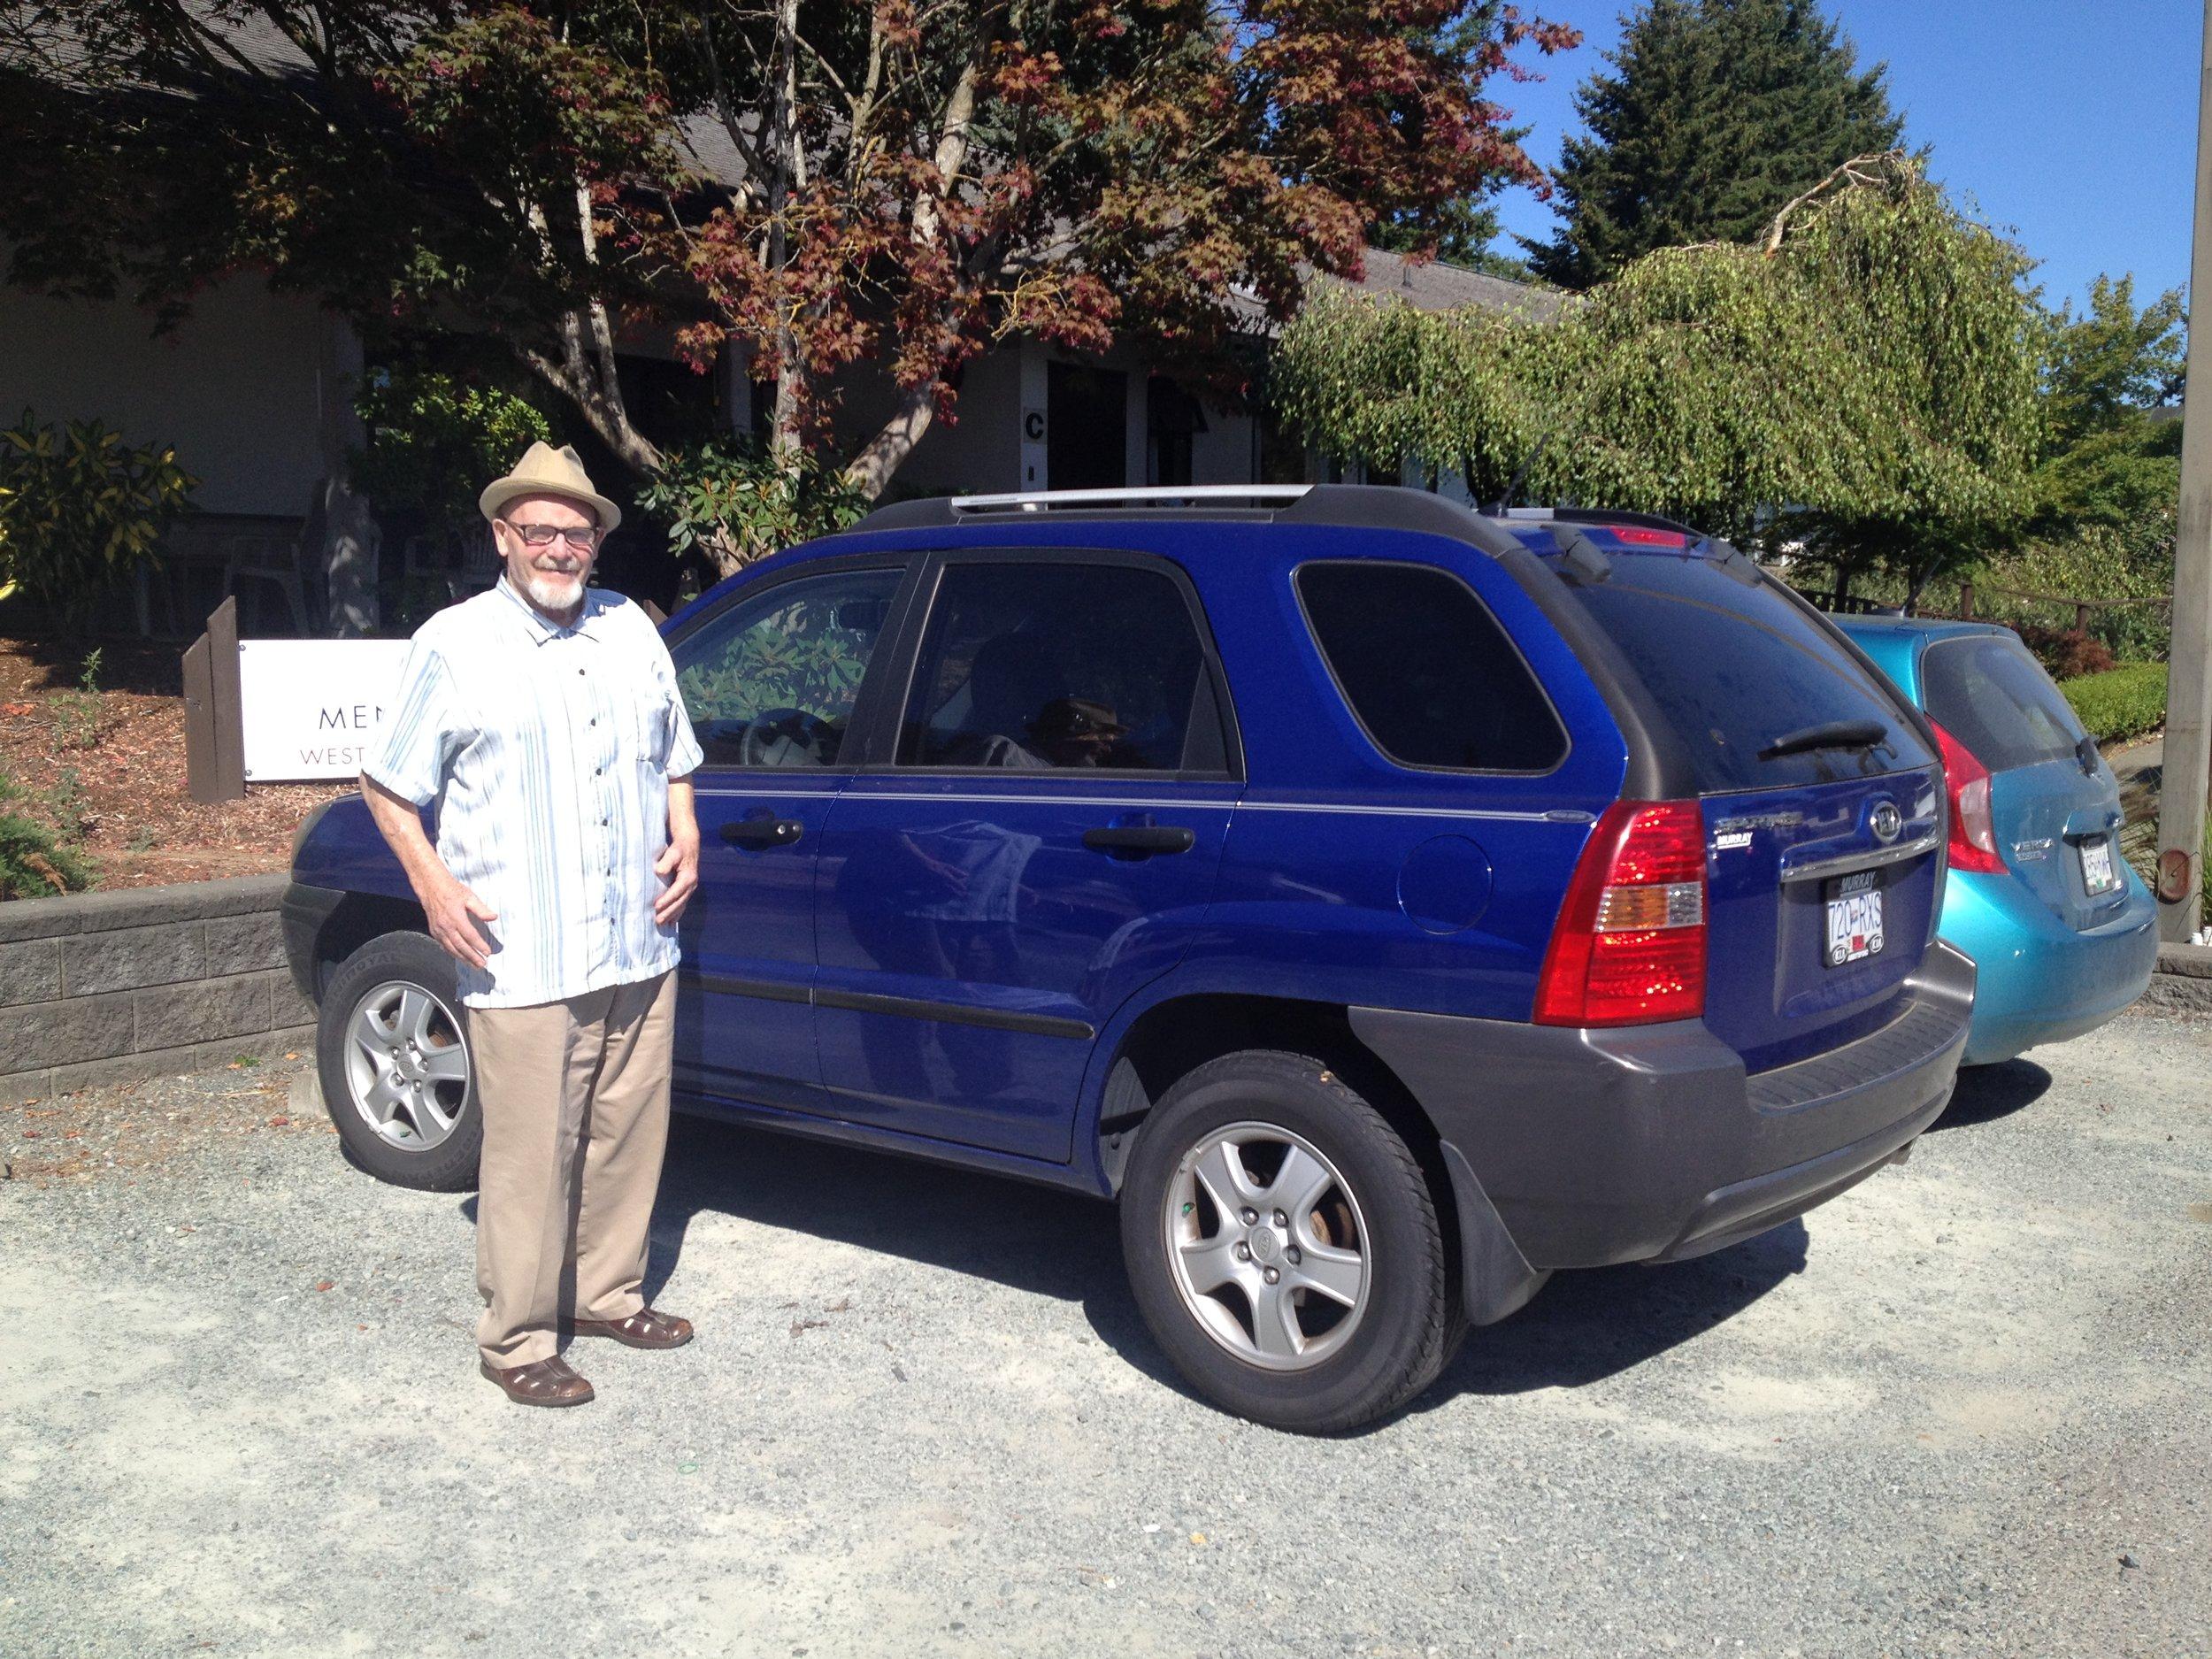 lex and car.JPG